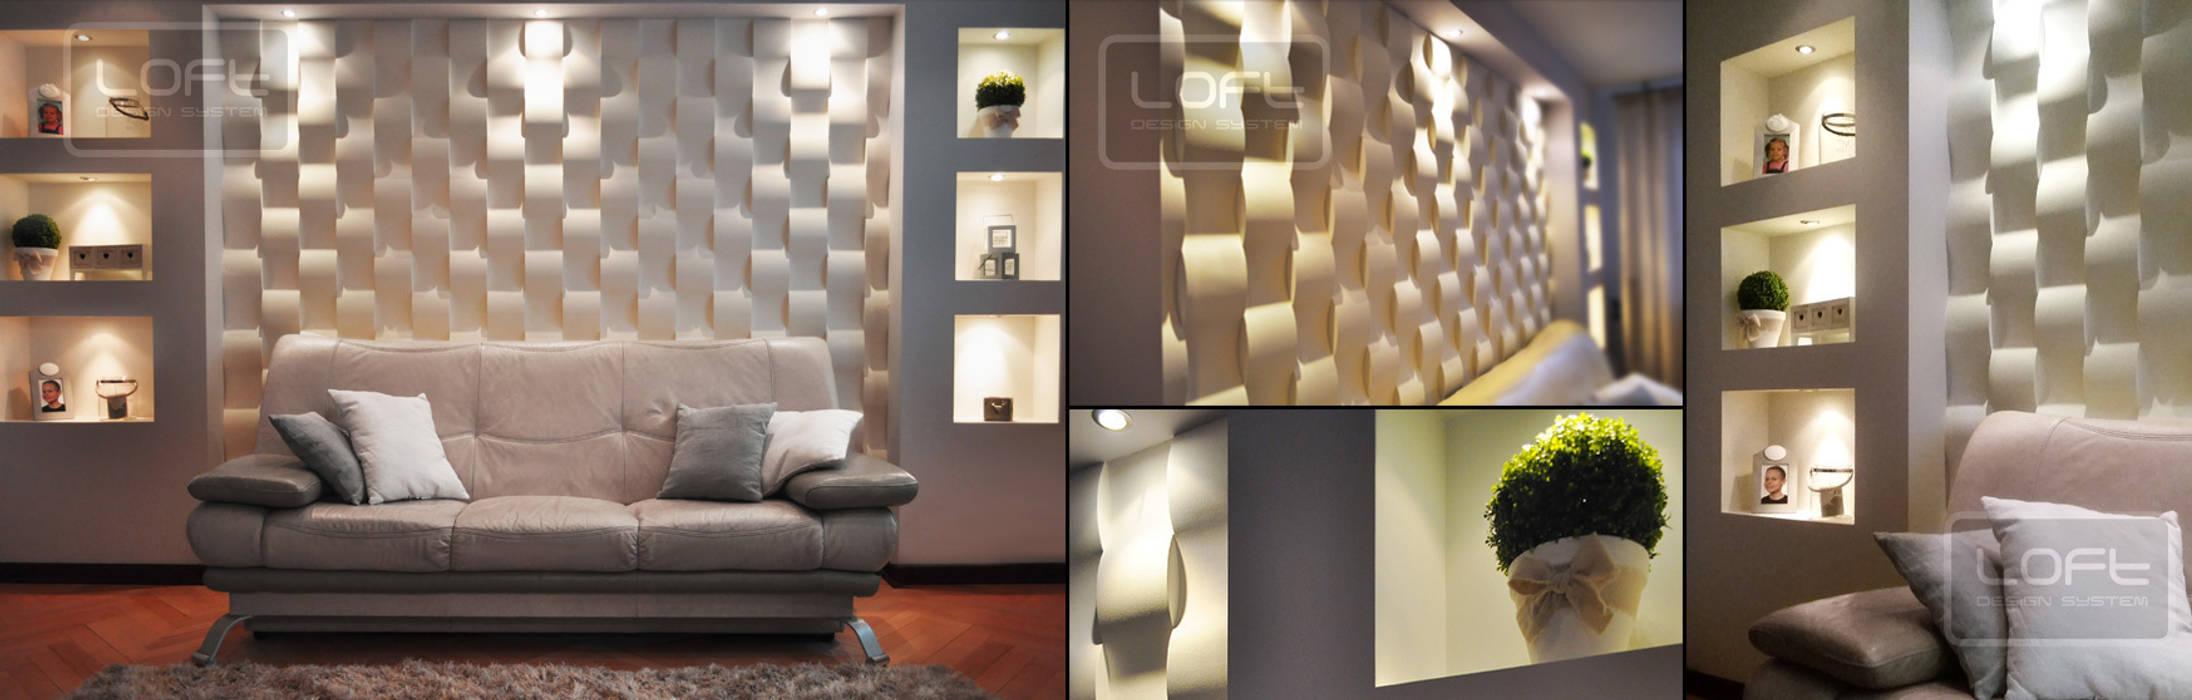 3d- wandpaneele in wellenform : wohnzimmer von loft design system ...